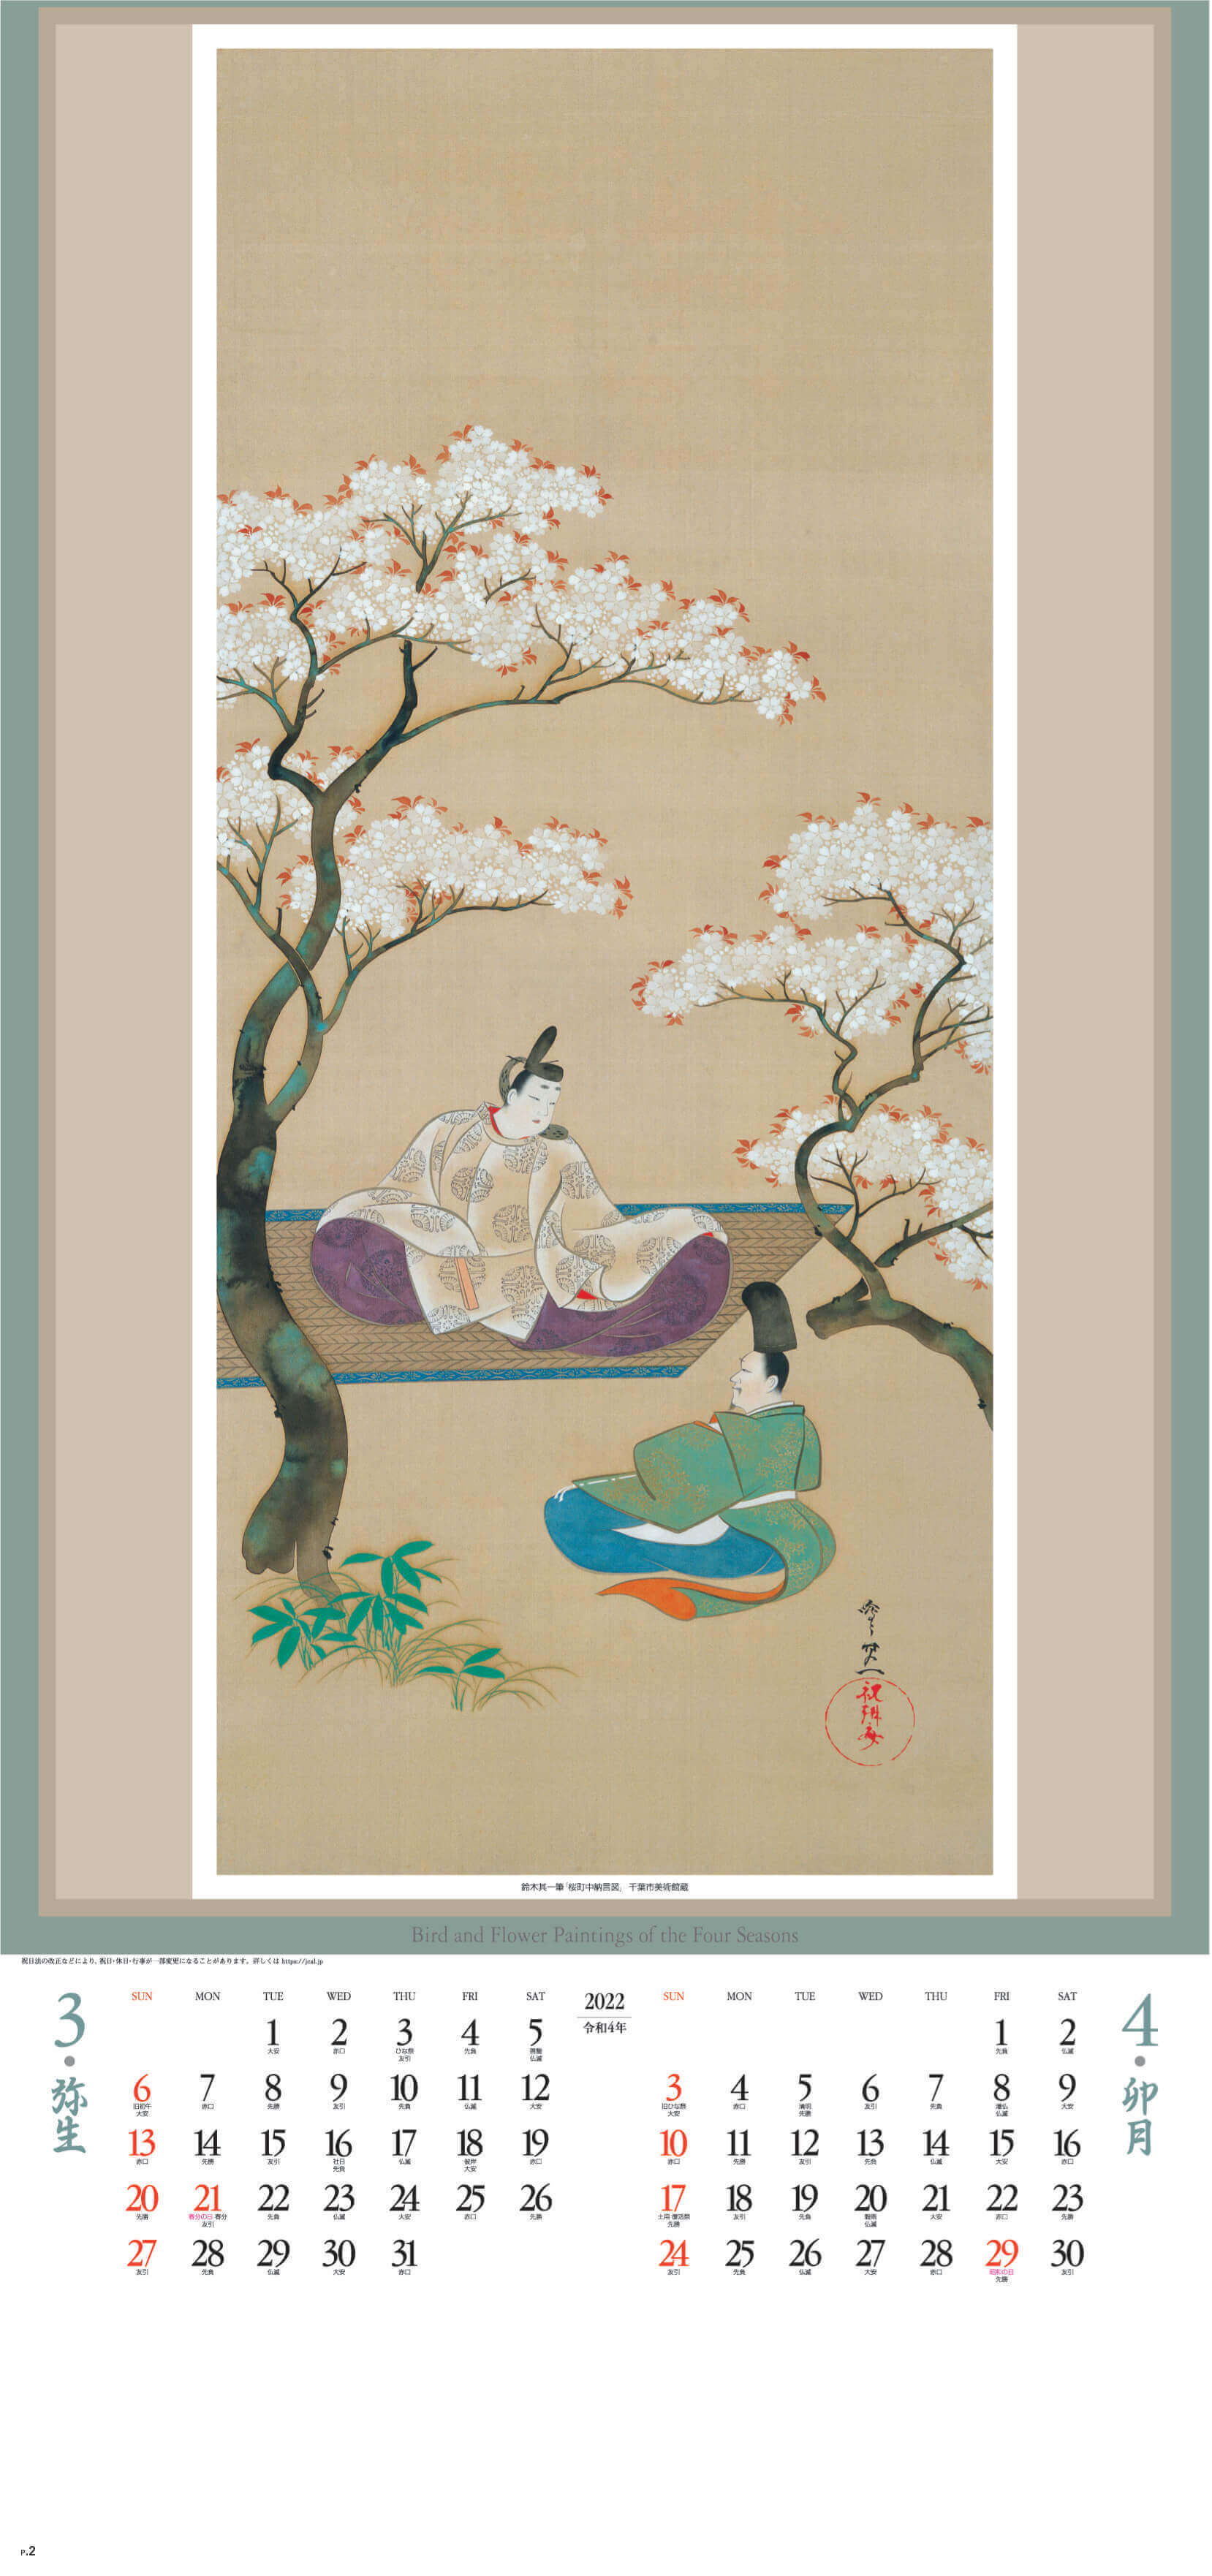 3-4月 鈴木其一「桜町中納言図」 江戸花鳥画集 紐付き 2022年カレンダーの画像